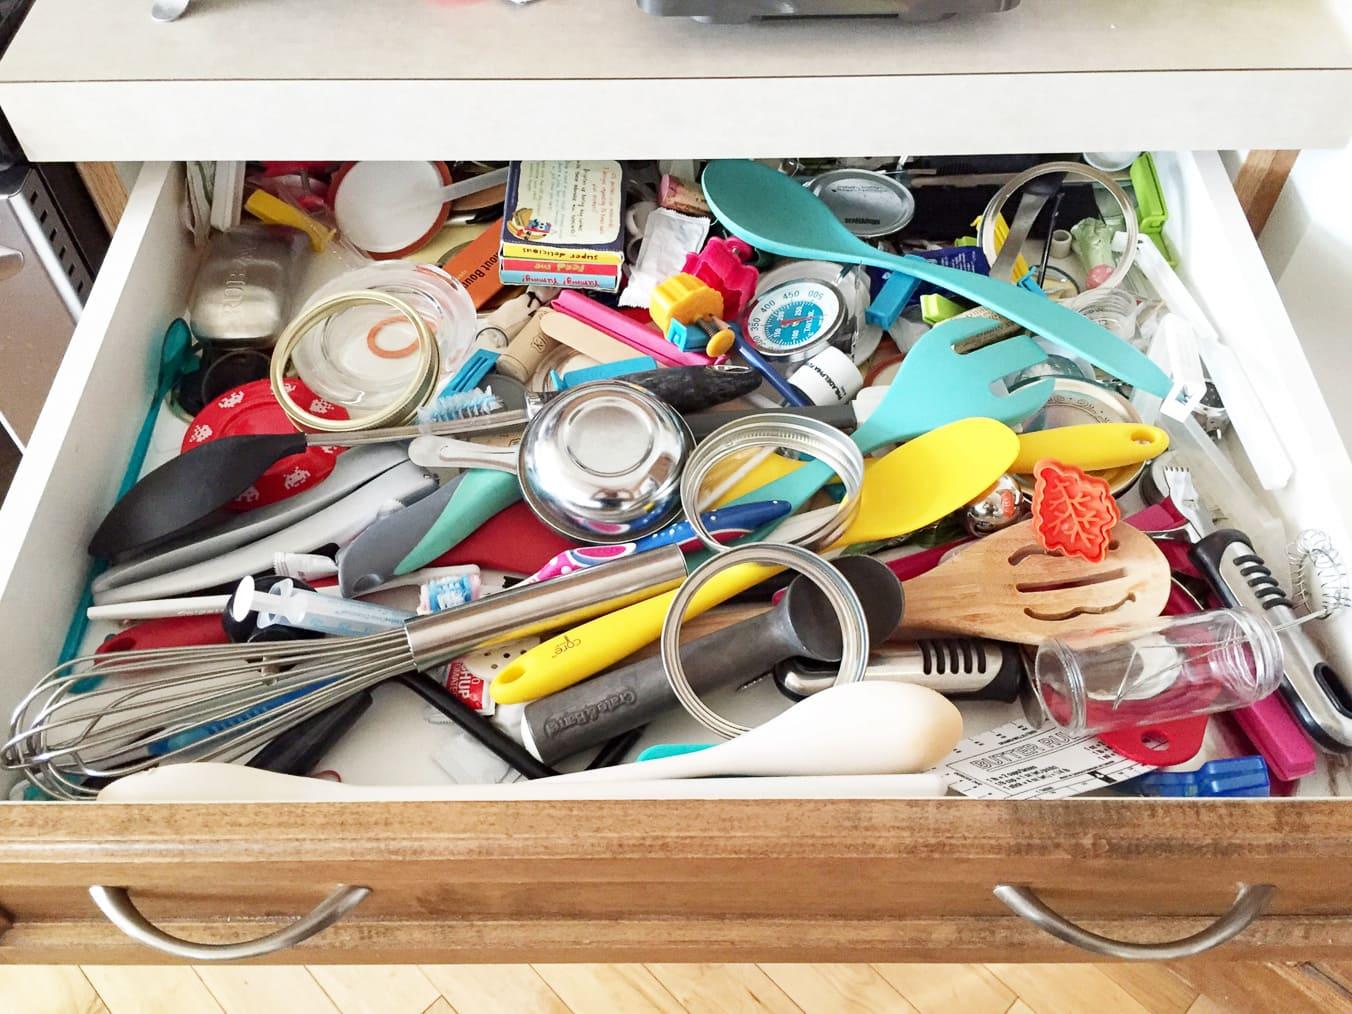 Kitchen Drawer Organization: Before